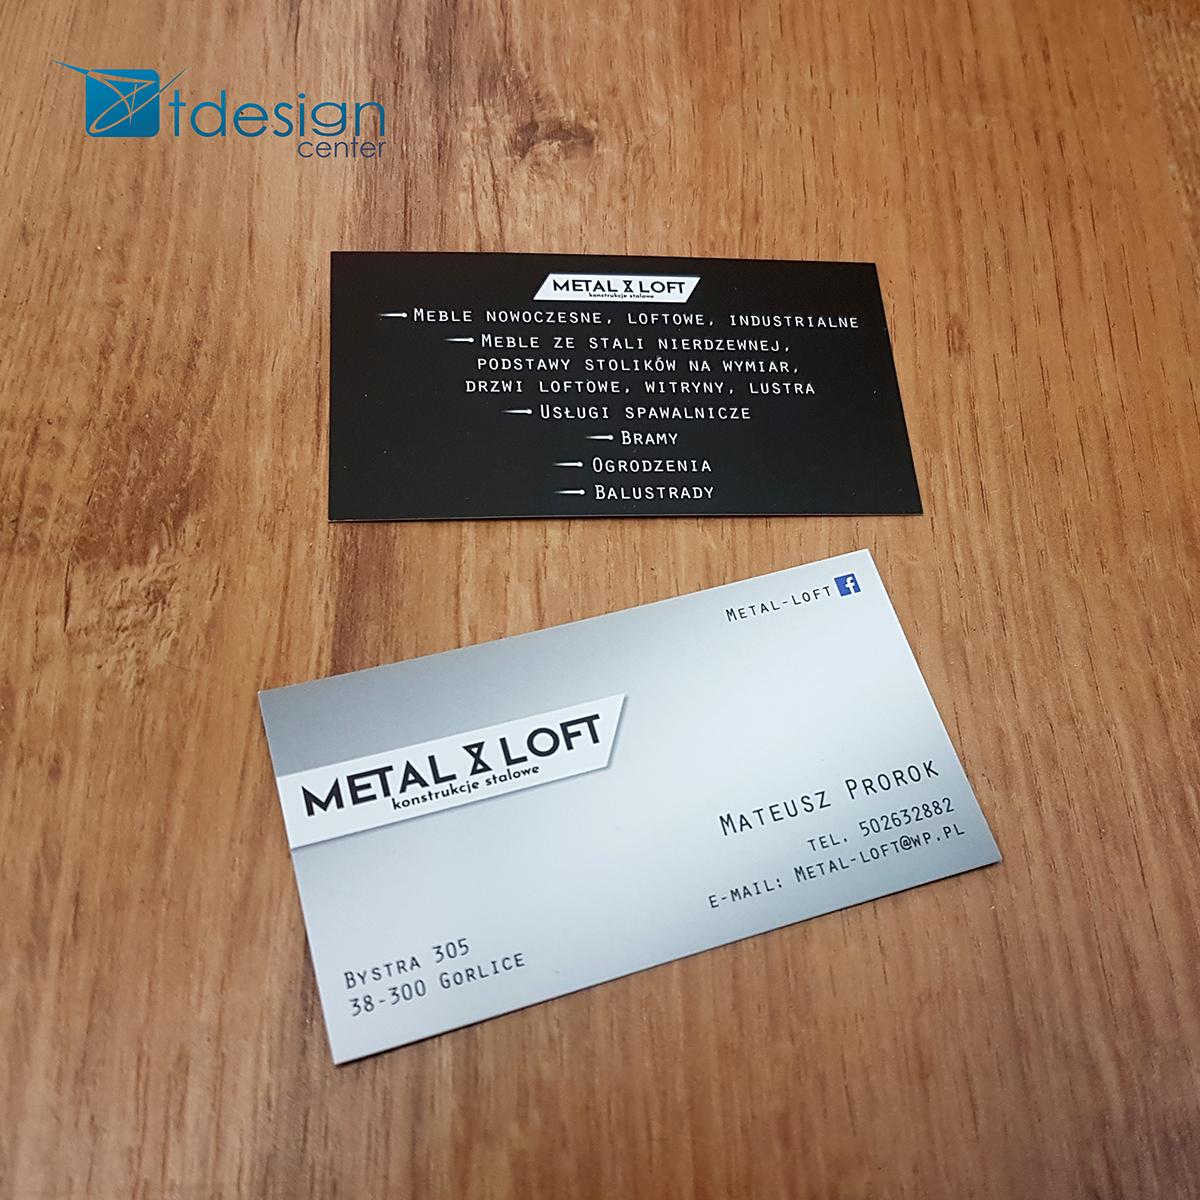 Wizytówki 90x50m - projekt + druk - realizacja dla firmy Metalloft